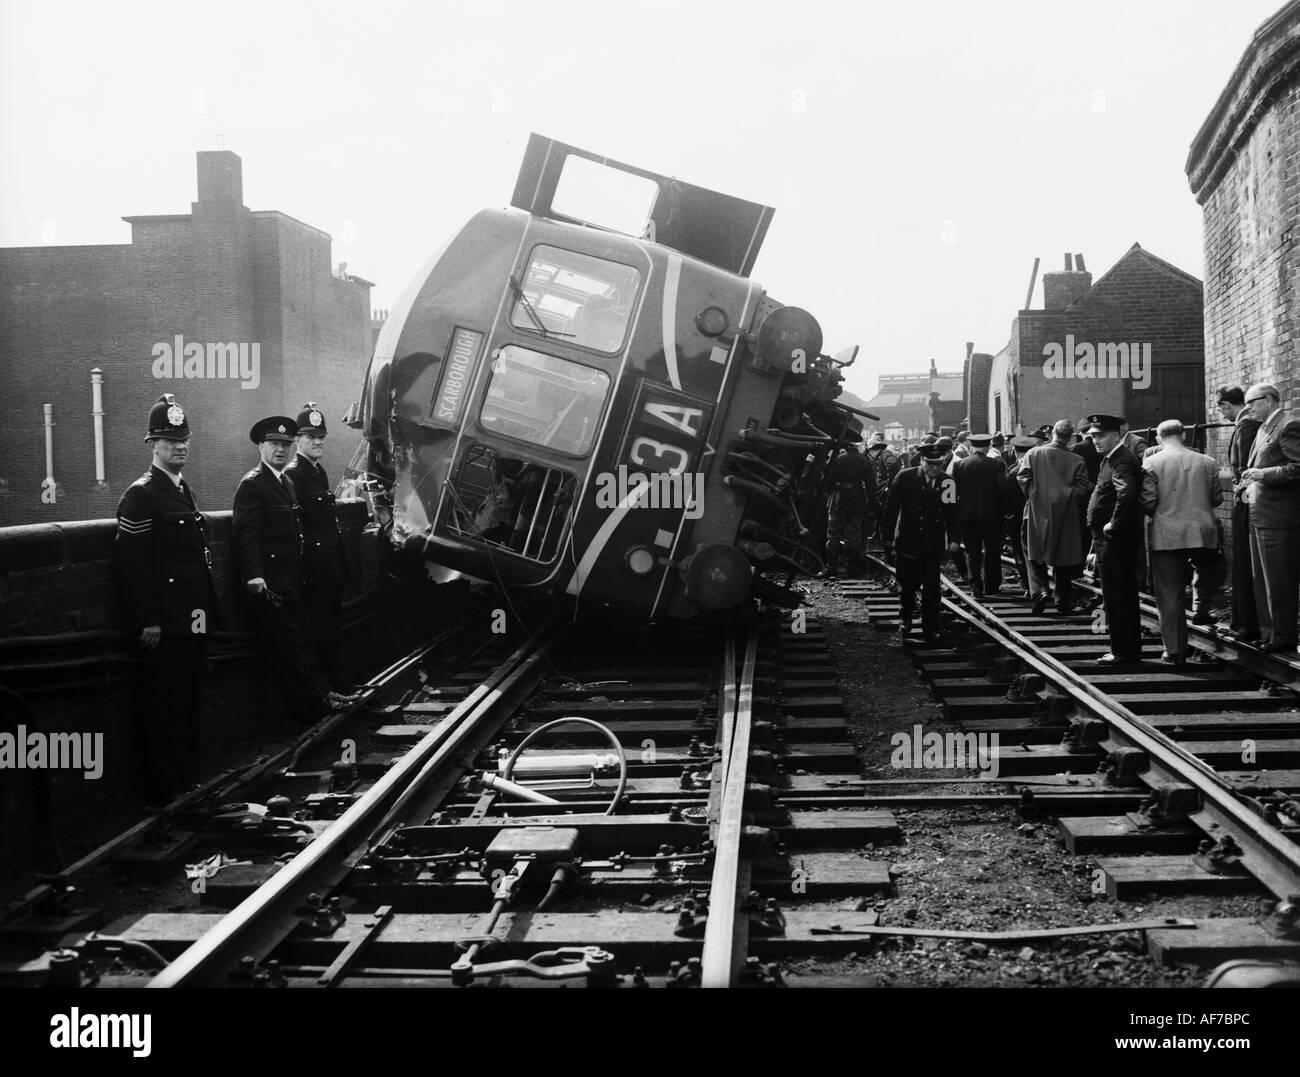 Vintage fotografía en blanco y negro de una multitud de personas, entre ellos la policía ver locomotoras de ferrocarril descarrilado inclinado hacia un lado. Imagen De Stock